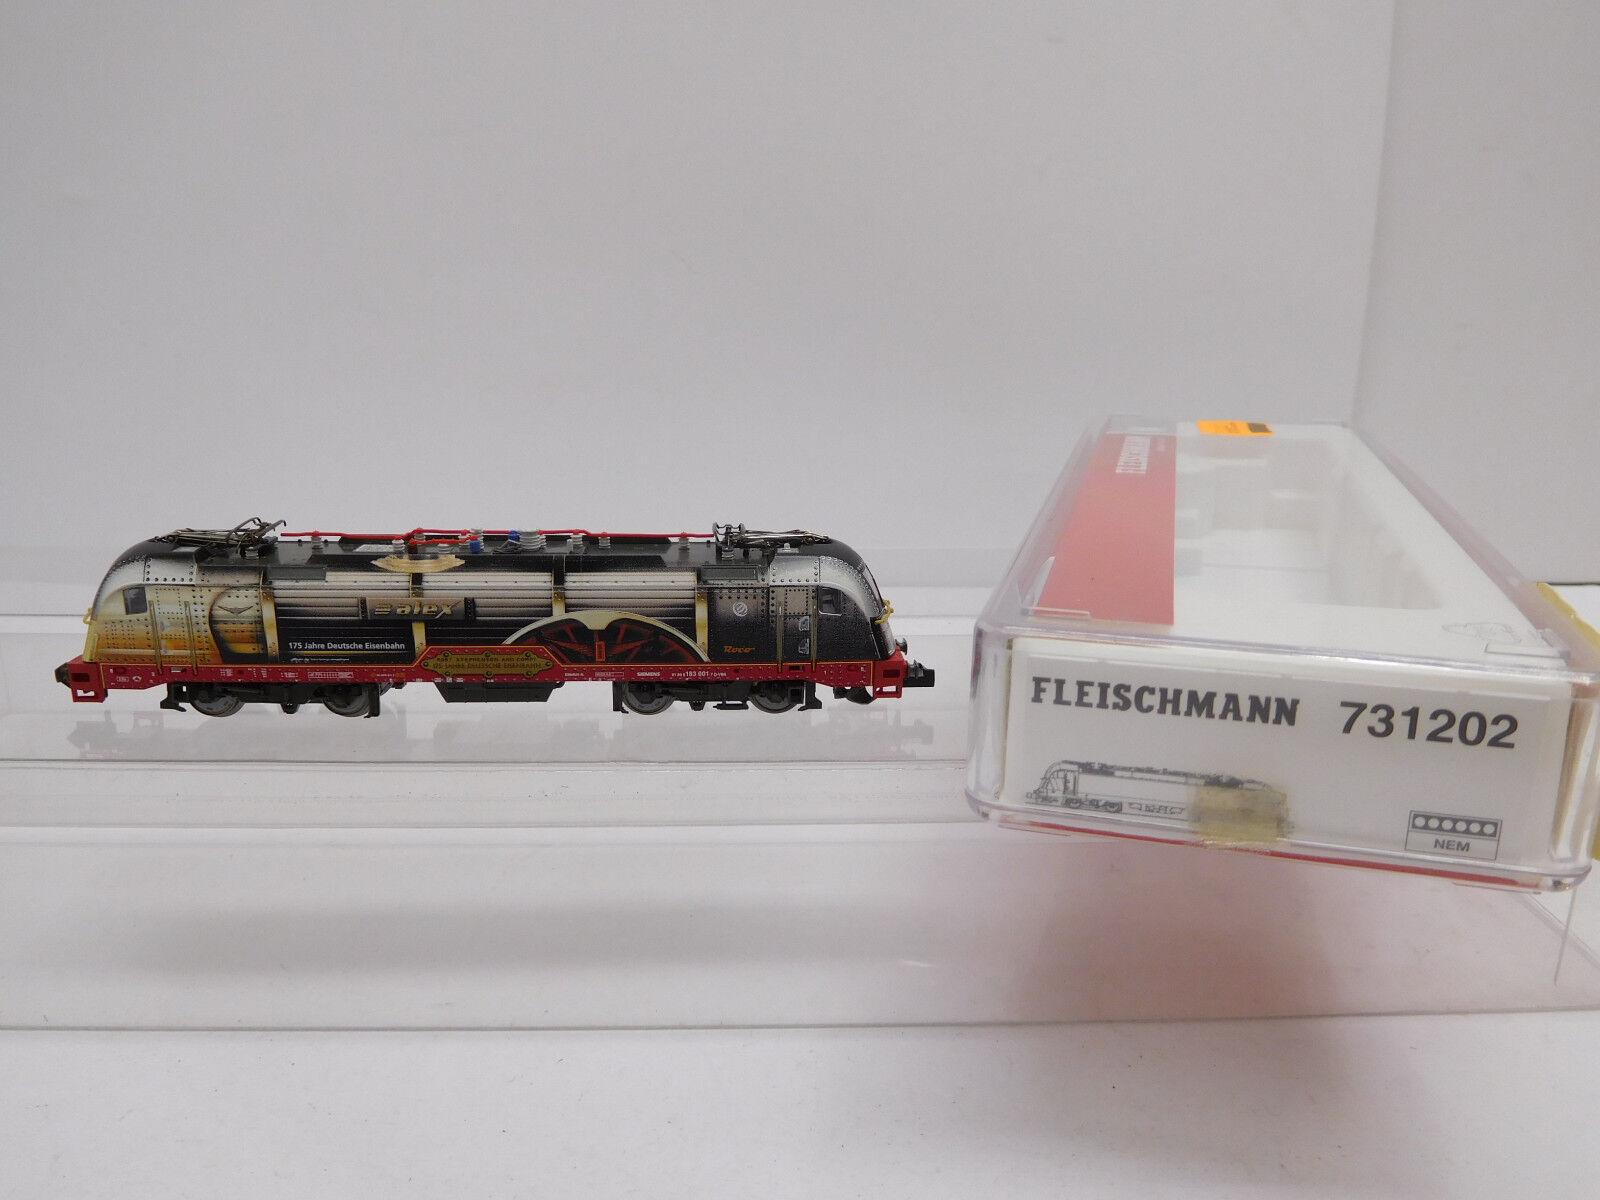 Eso-15177 Fleischmann 731202 Spur N Digital E-Lok BR 183 arriva con parte mancanti